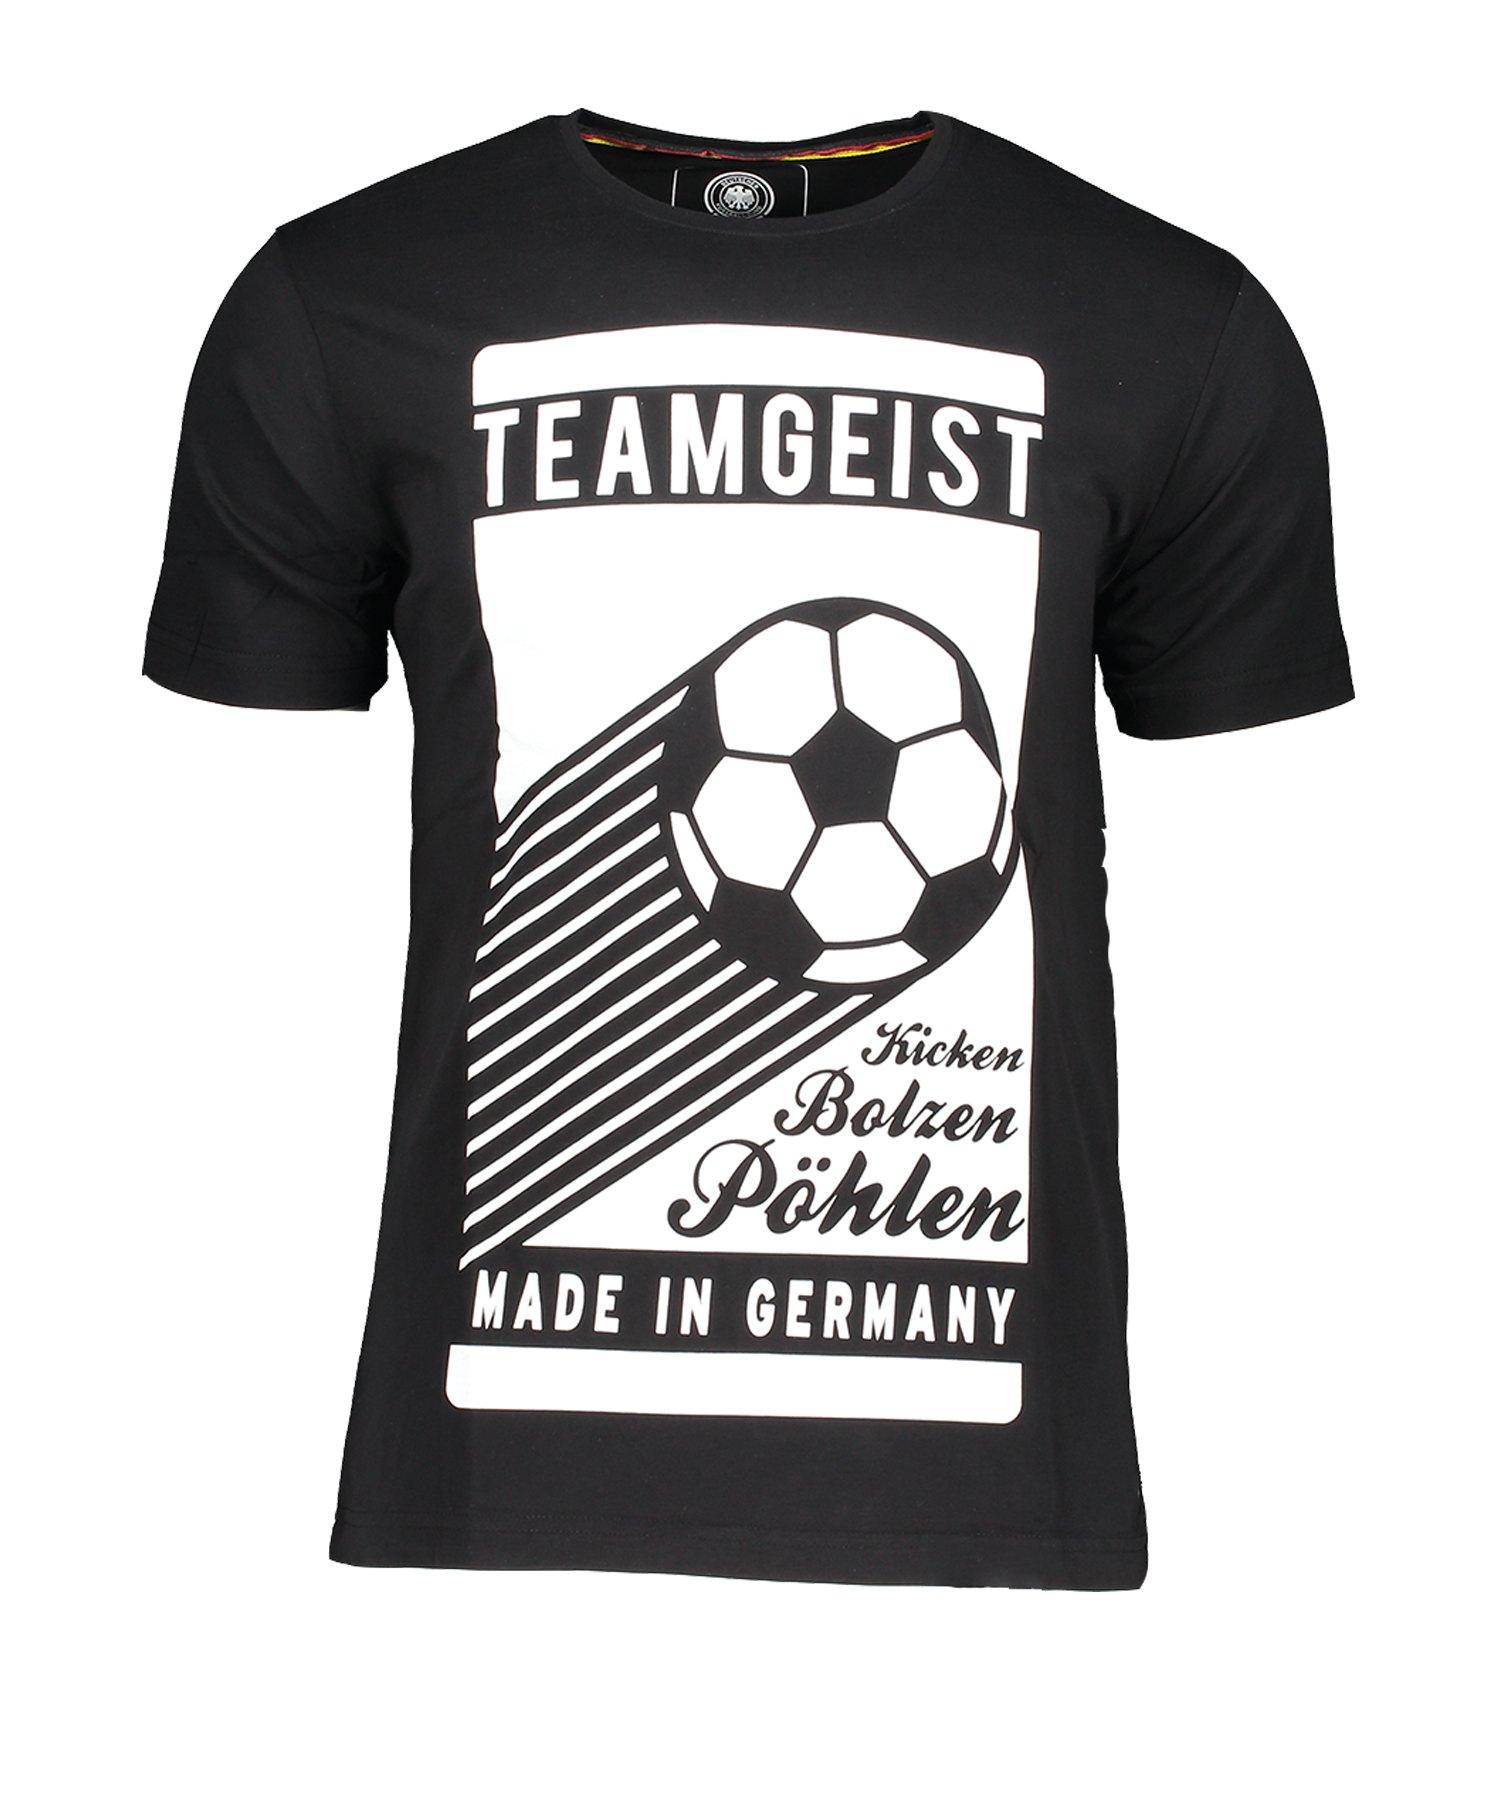 DFB Deutschland Teamgeist T-Shirt Schwarz - Schwarz